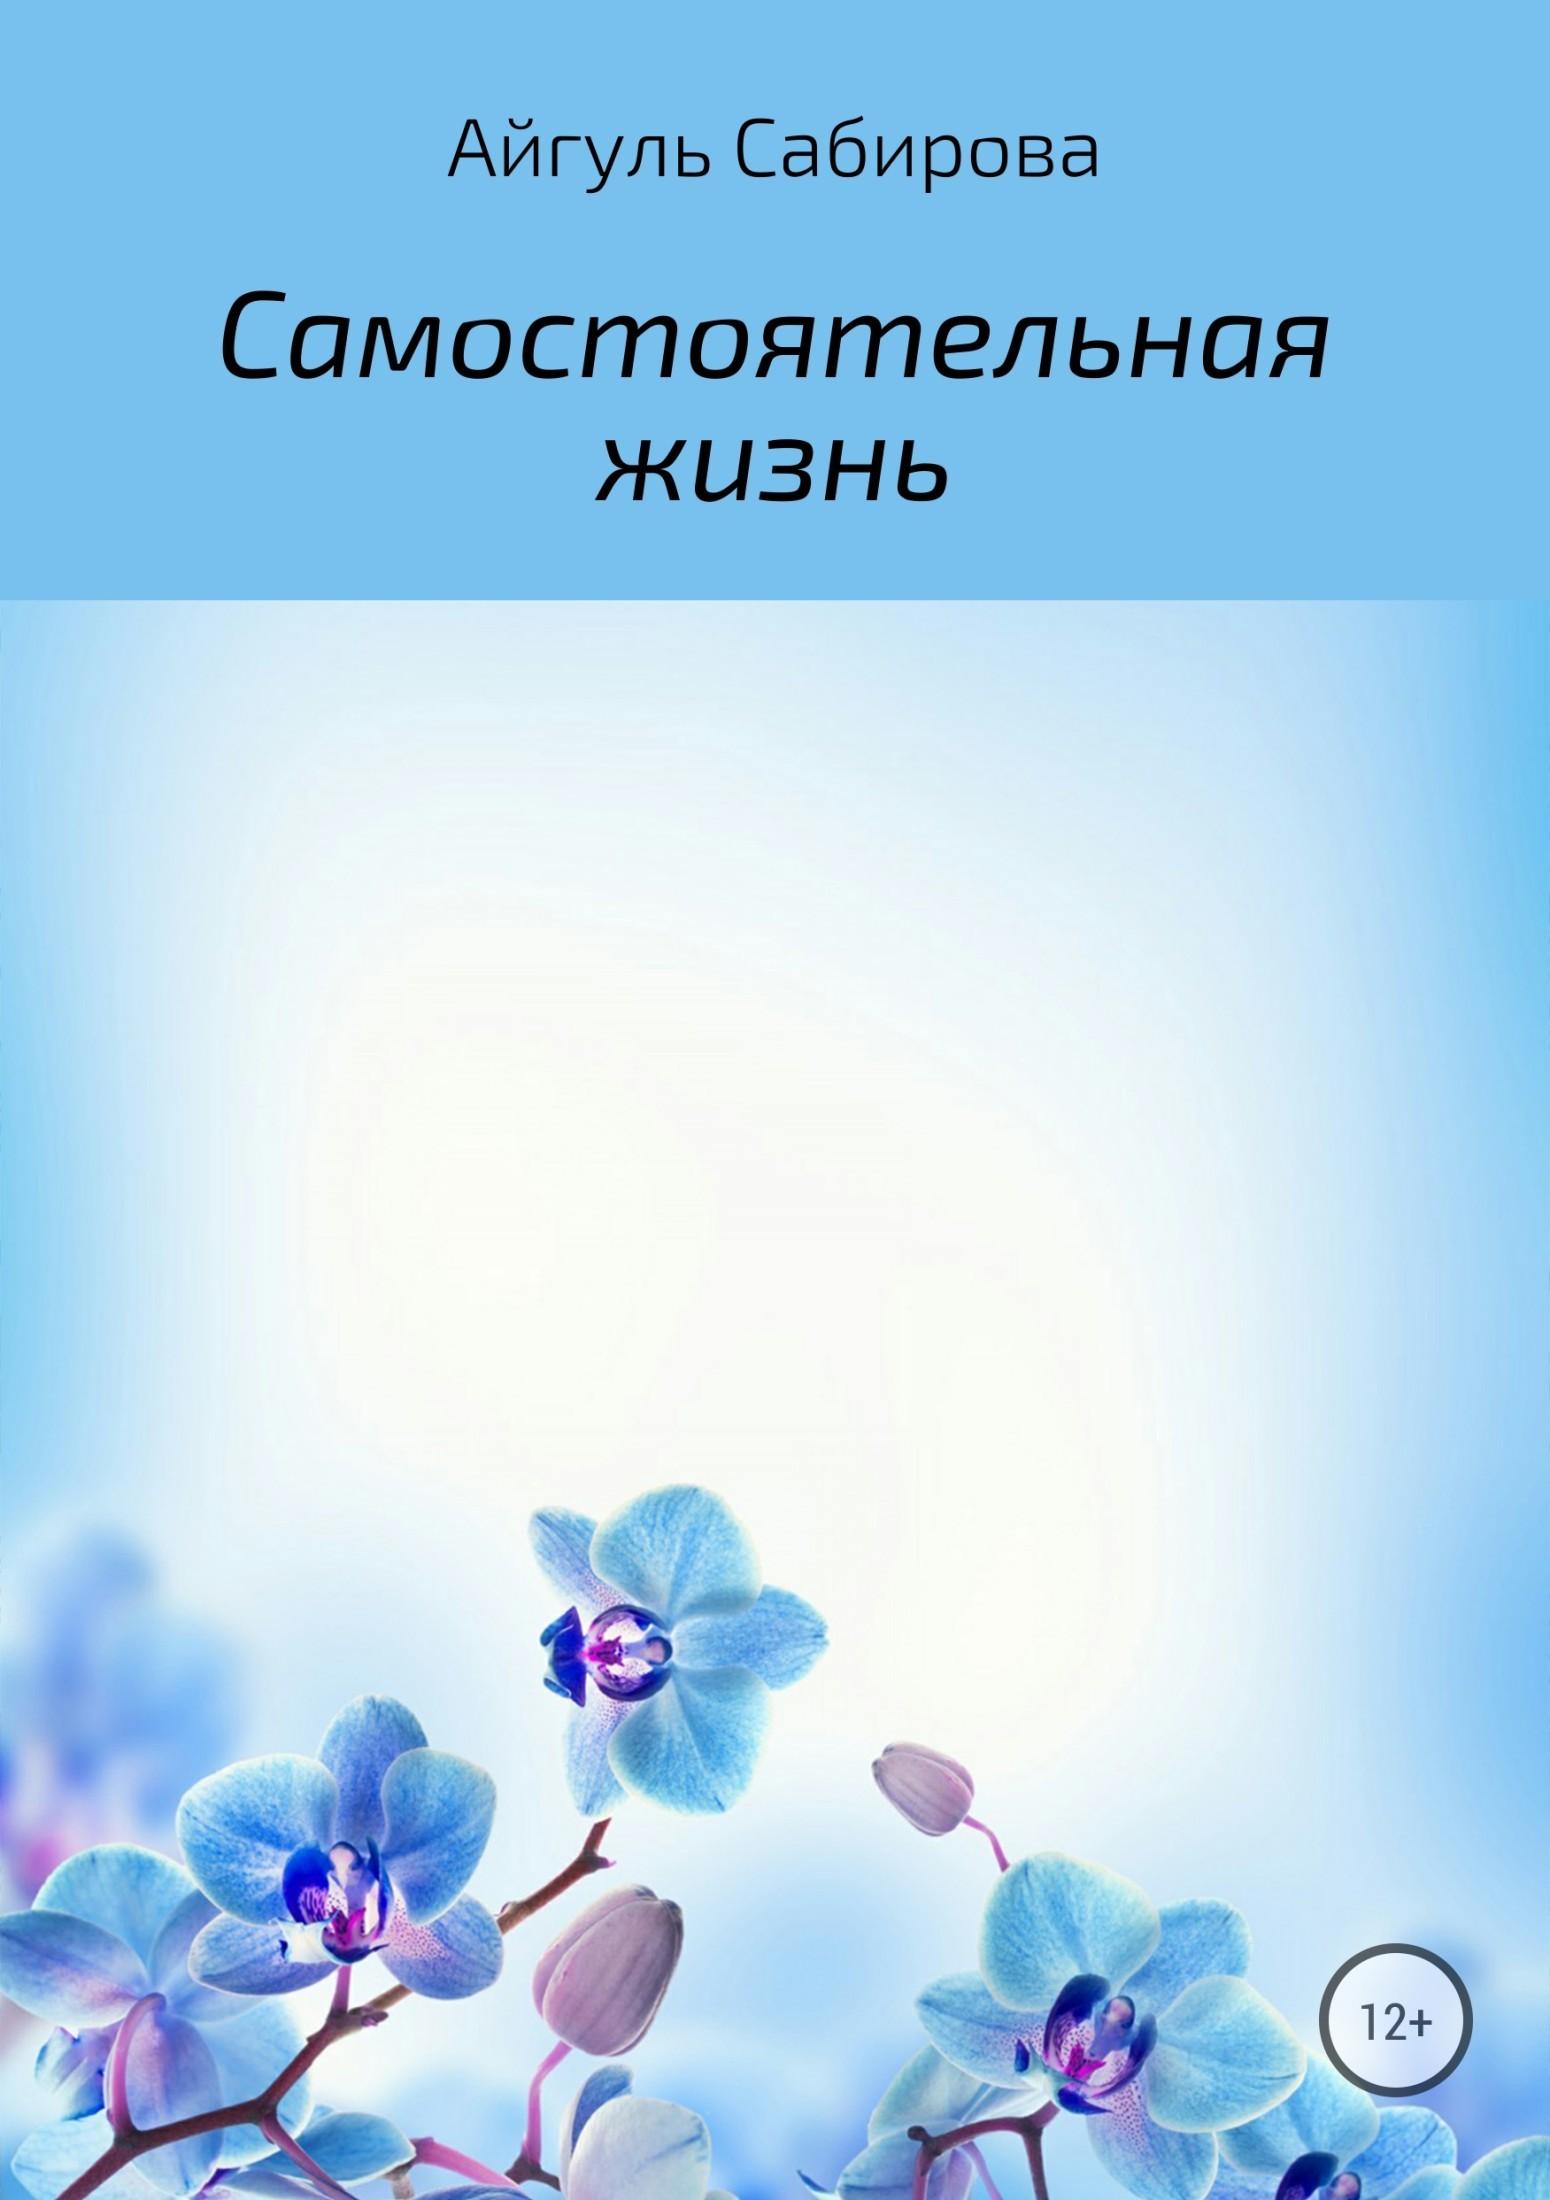 Айгуль Фаизовна Сабирова Самостоятельная жизнь